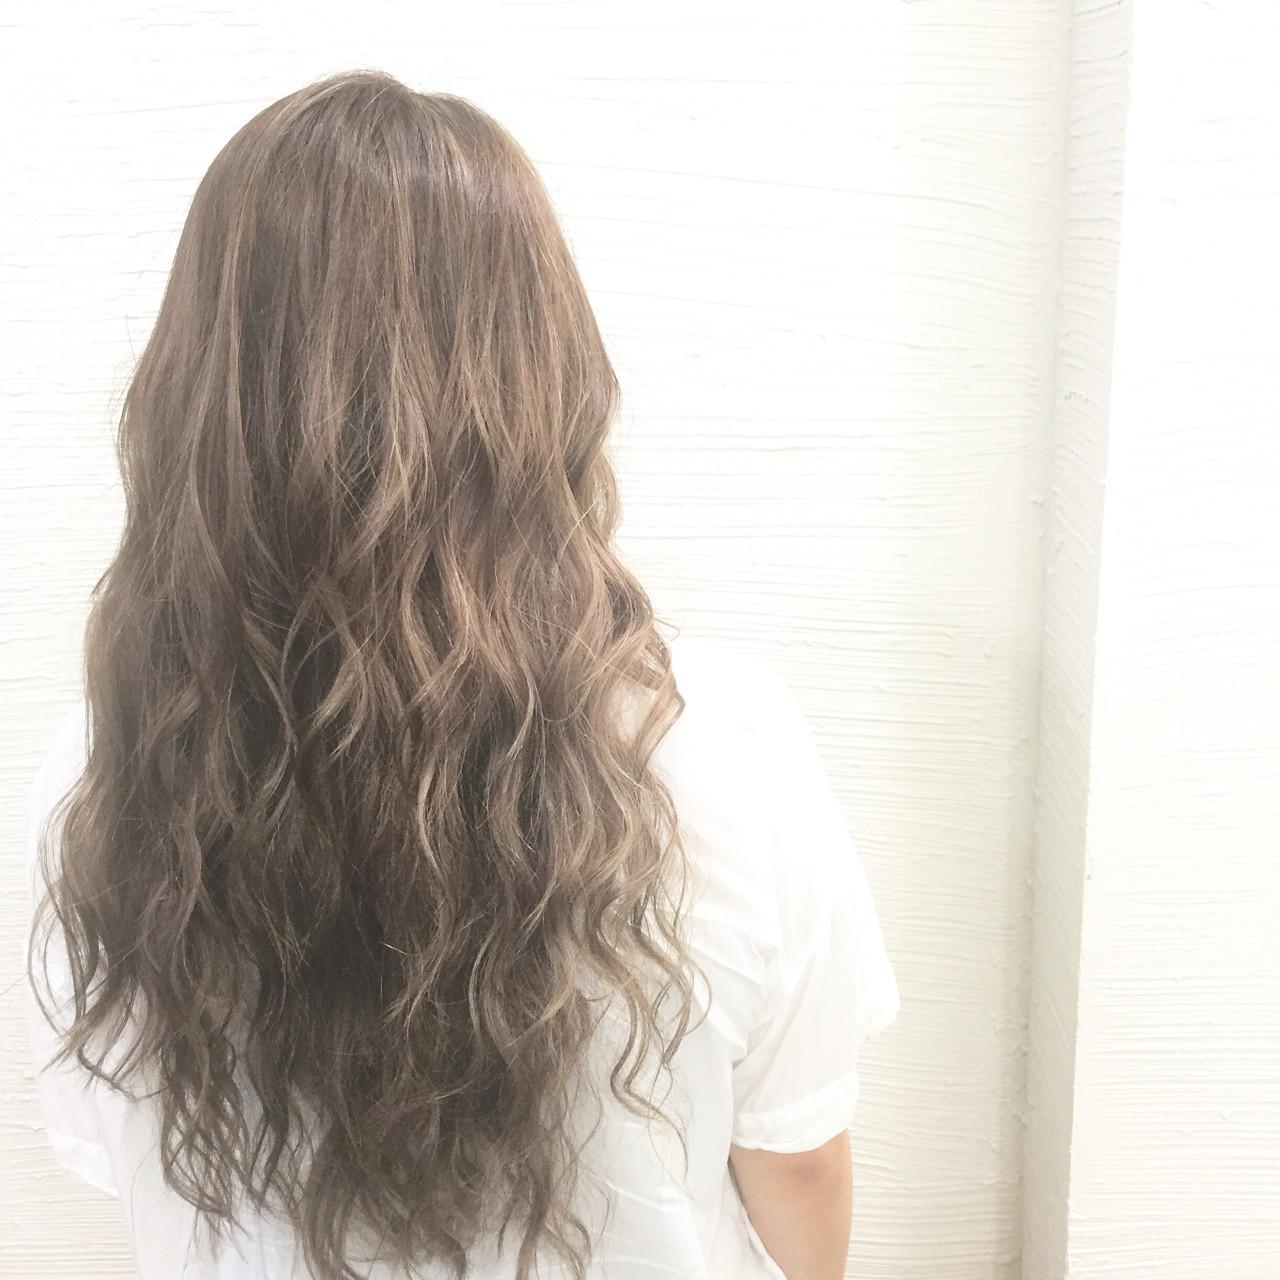 ブリーチ グレージュ ハイライト 外国人風 ヘアスタイルや髪型の写真・画像